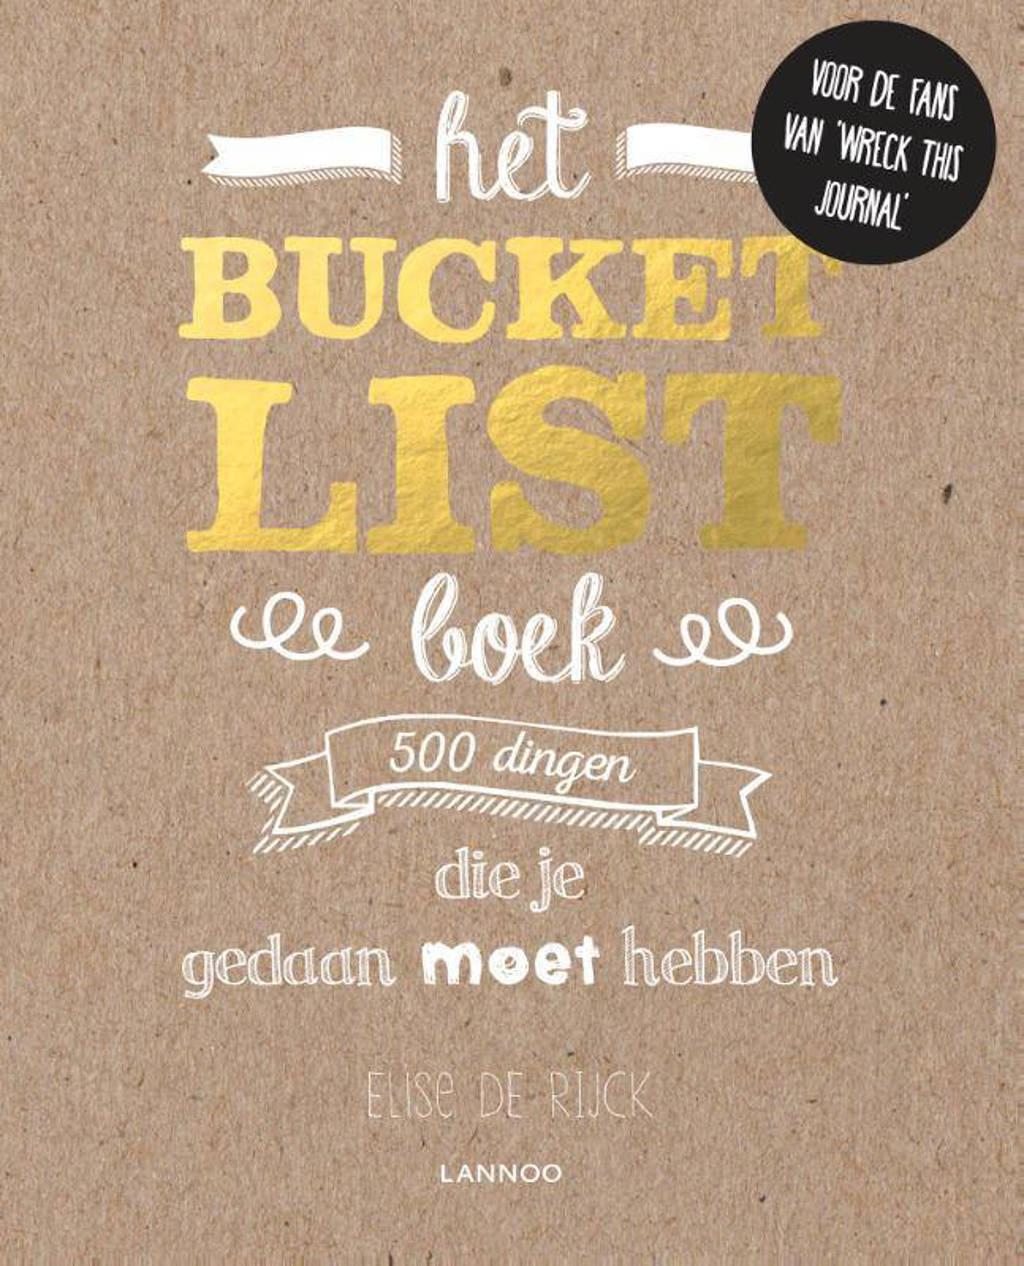 Het Bucketlist boek - Elise De Rijck